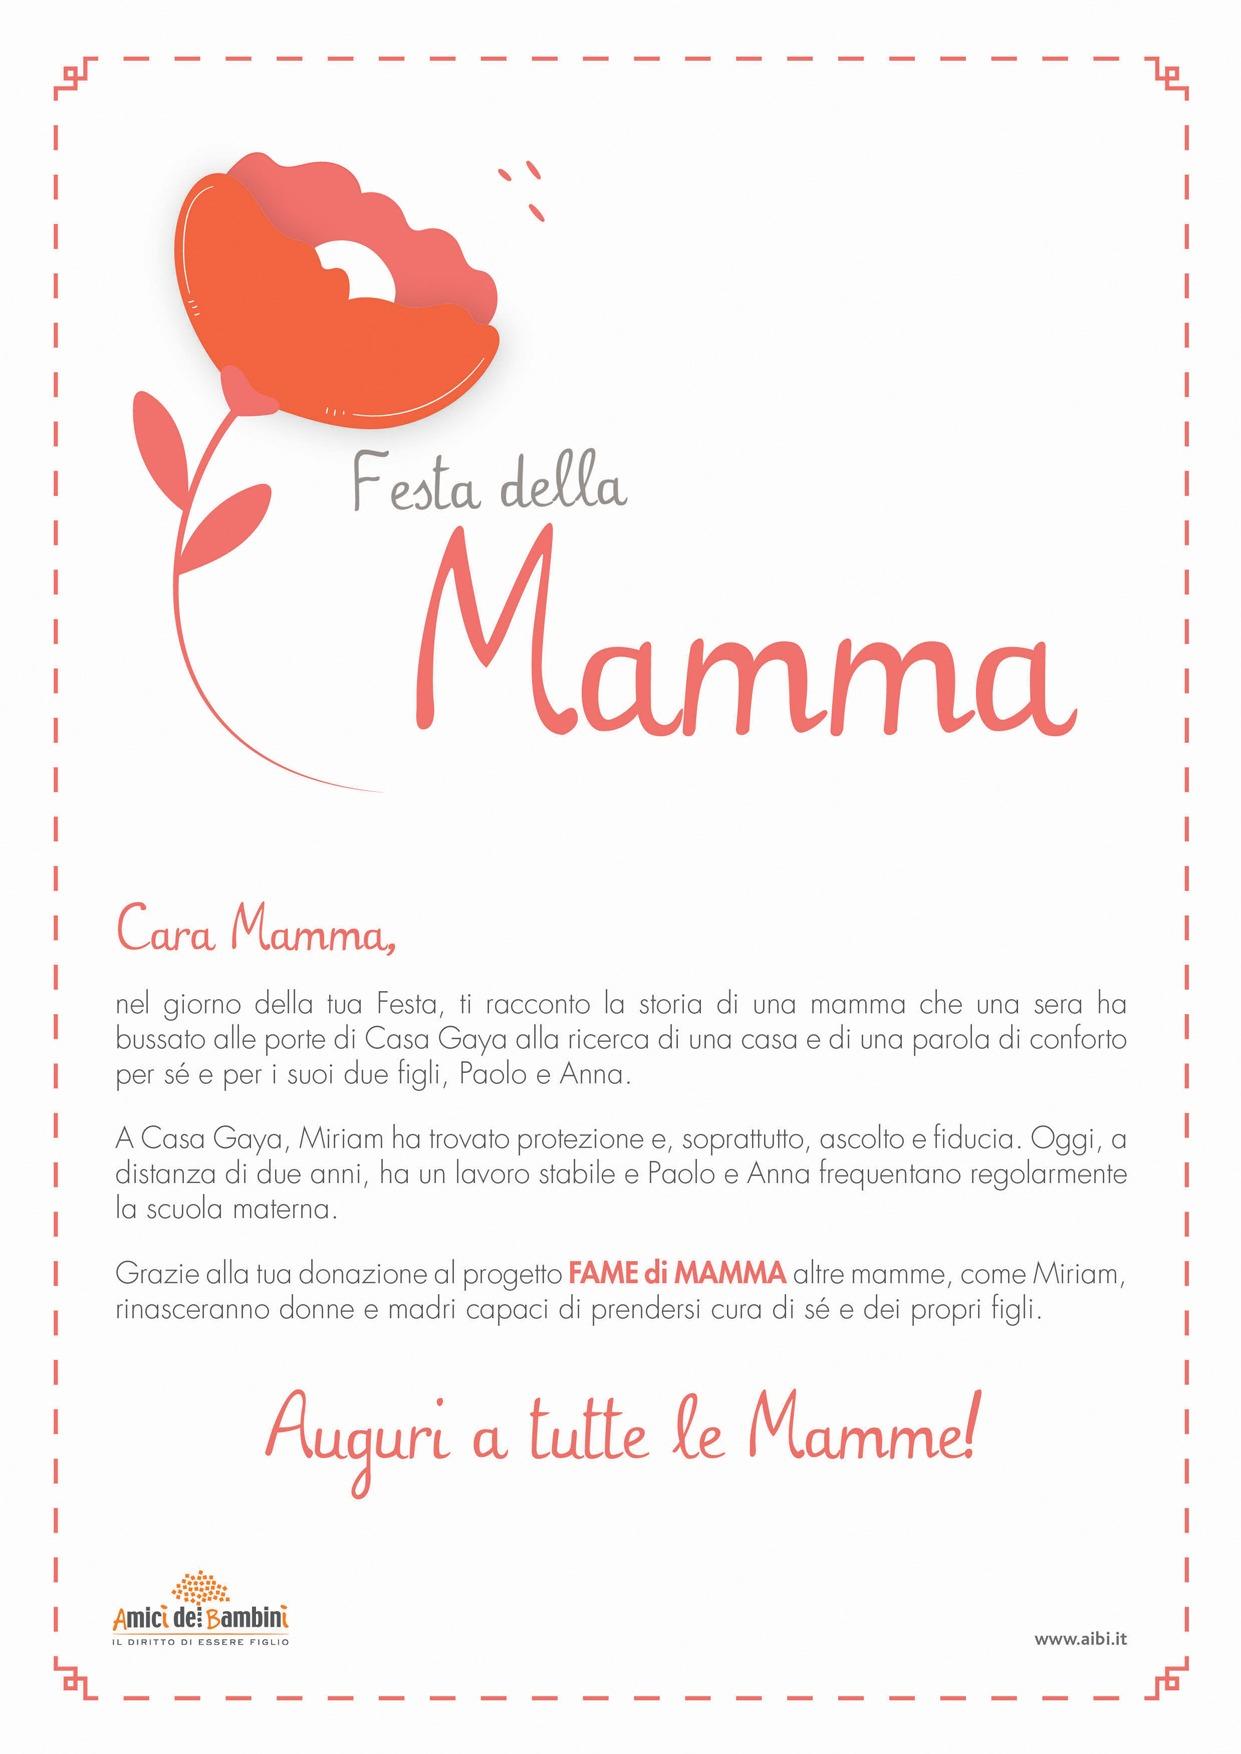 Pergamena Festa della Mamma